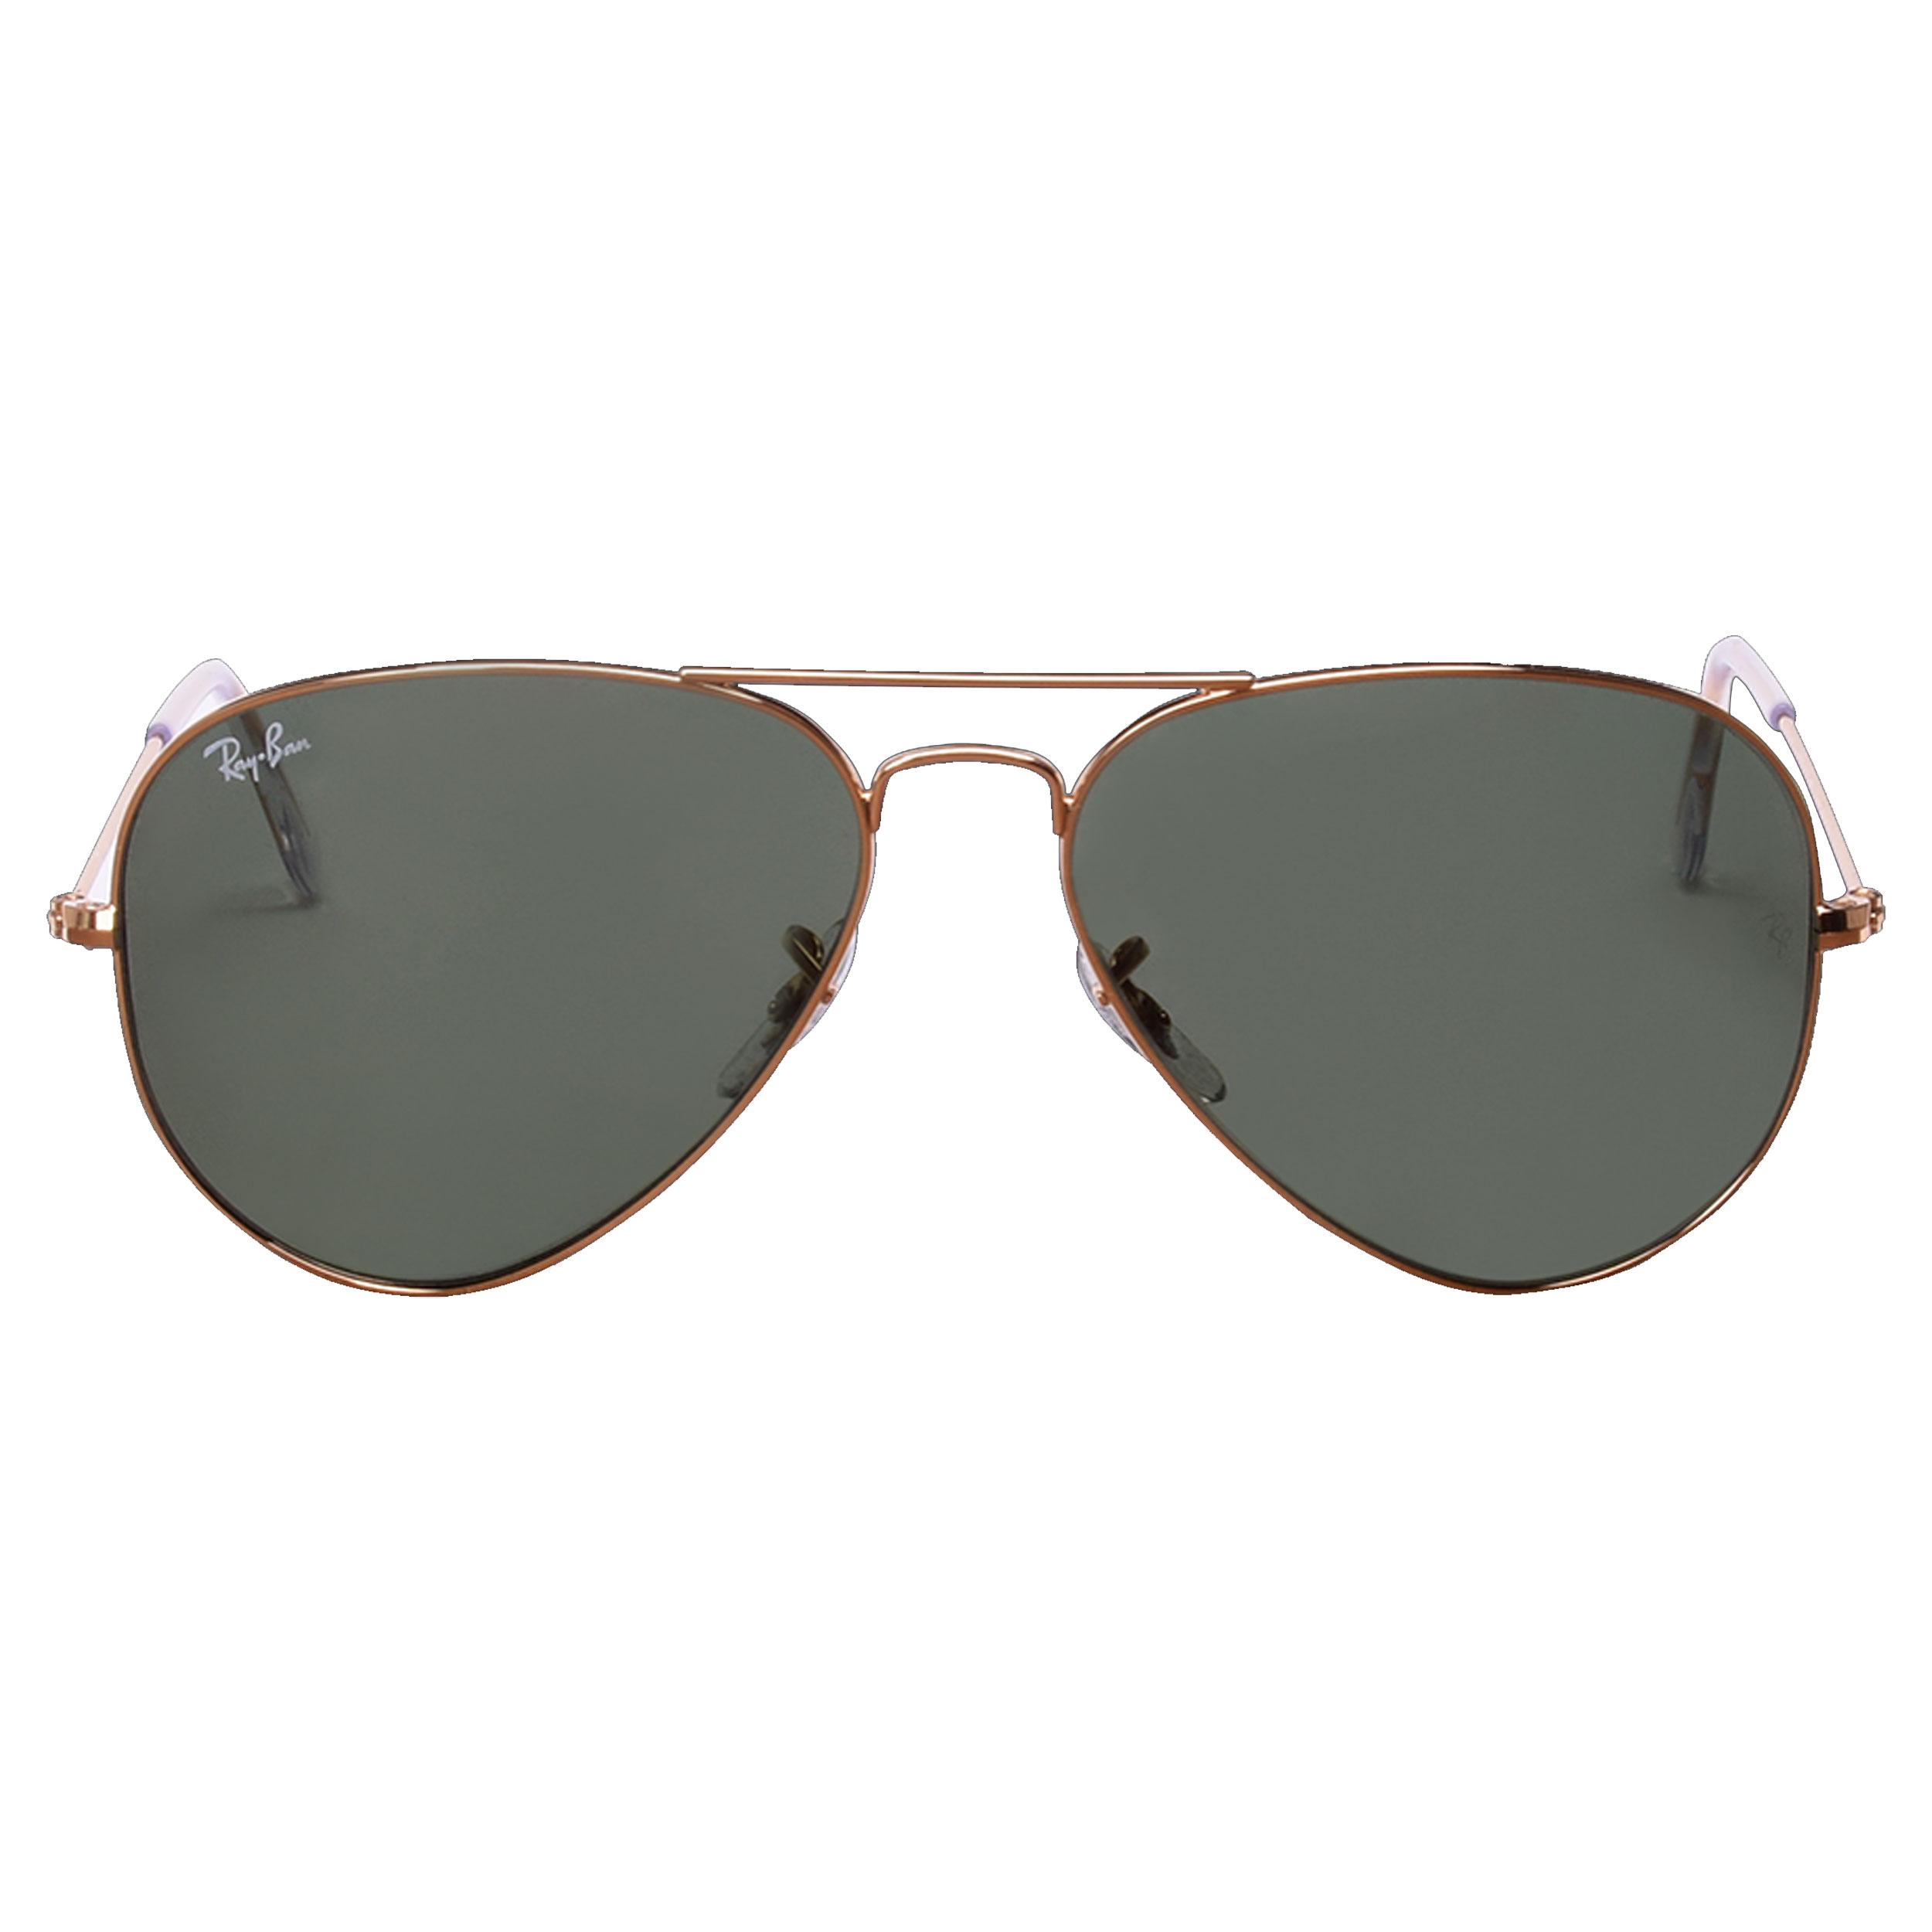 عینک آفتابی ری بن مدل 3025 l0205 58